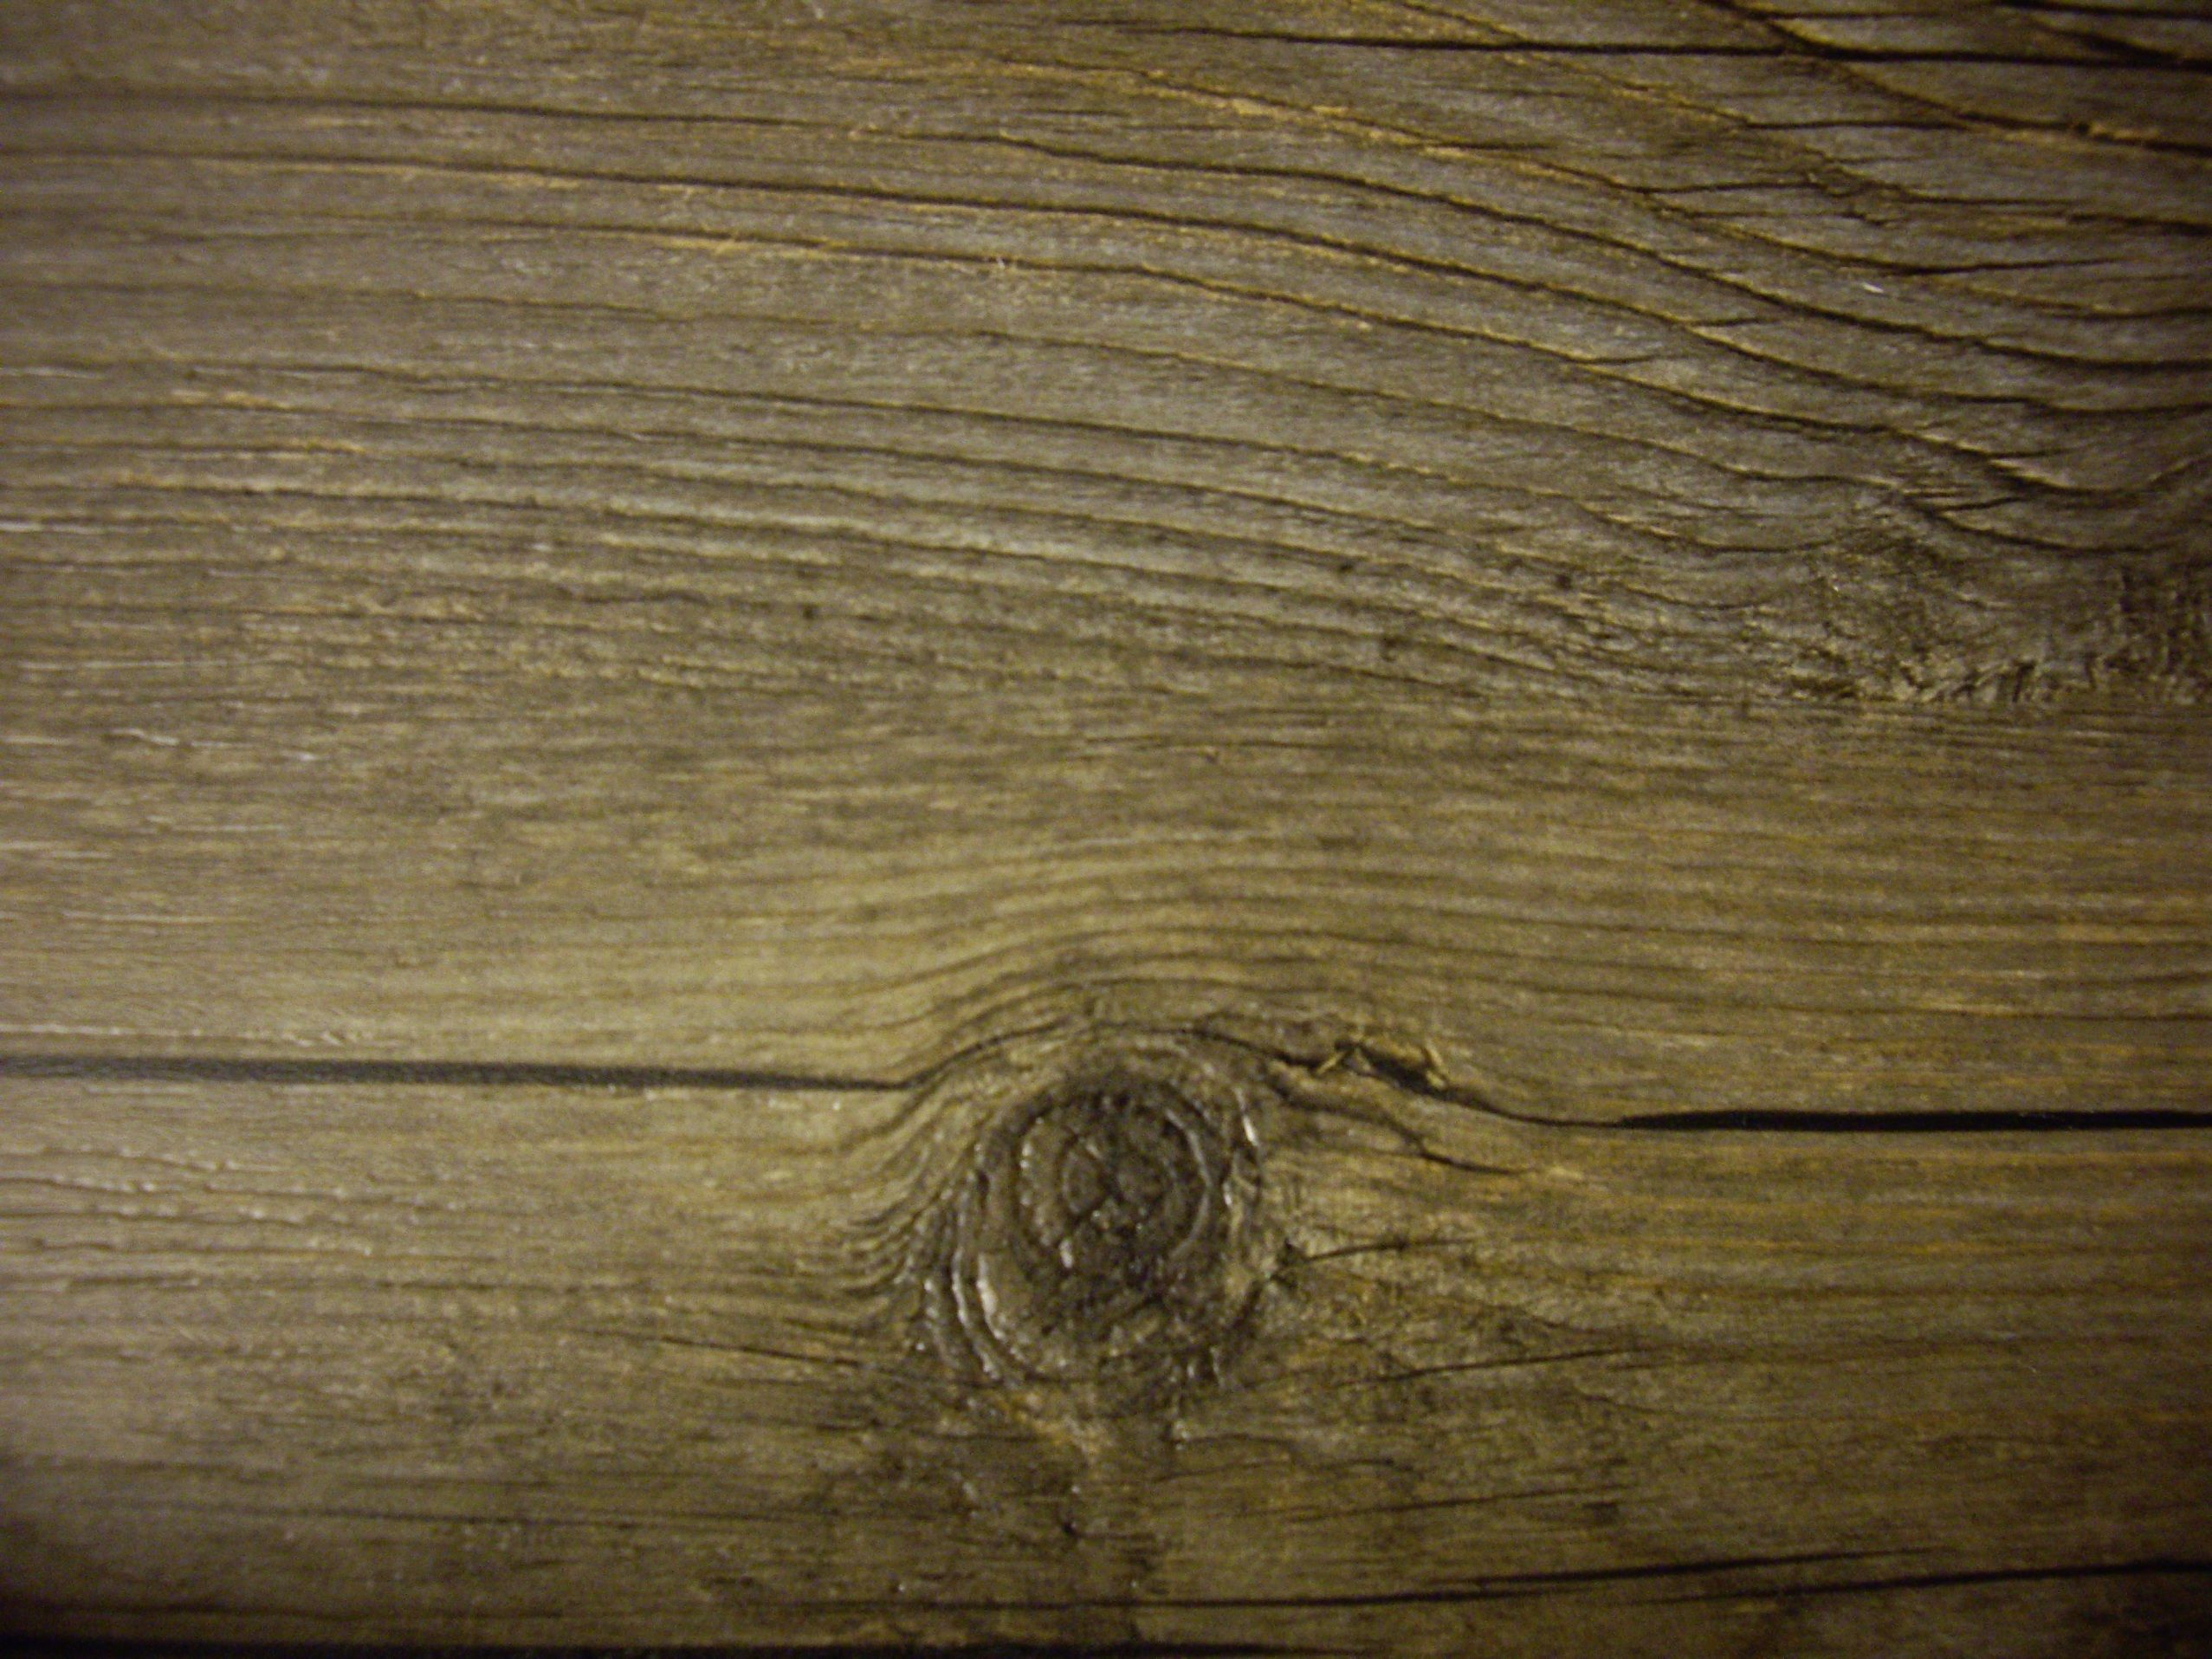 Pvc vloer bijzonder mooi houtlook met textuur donker van kleur